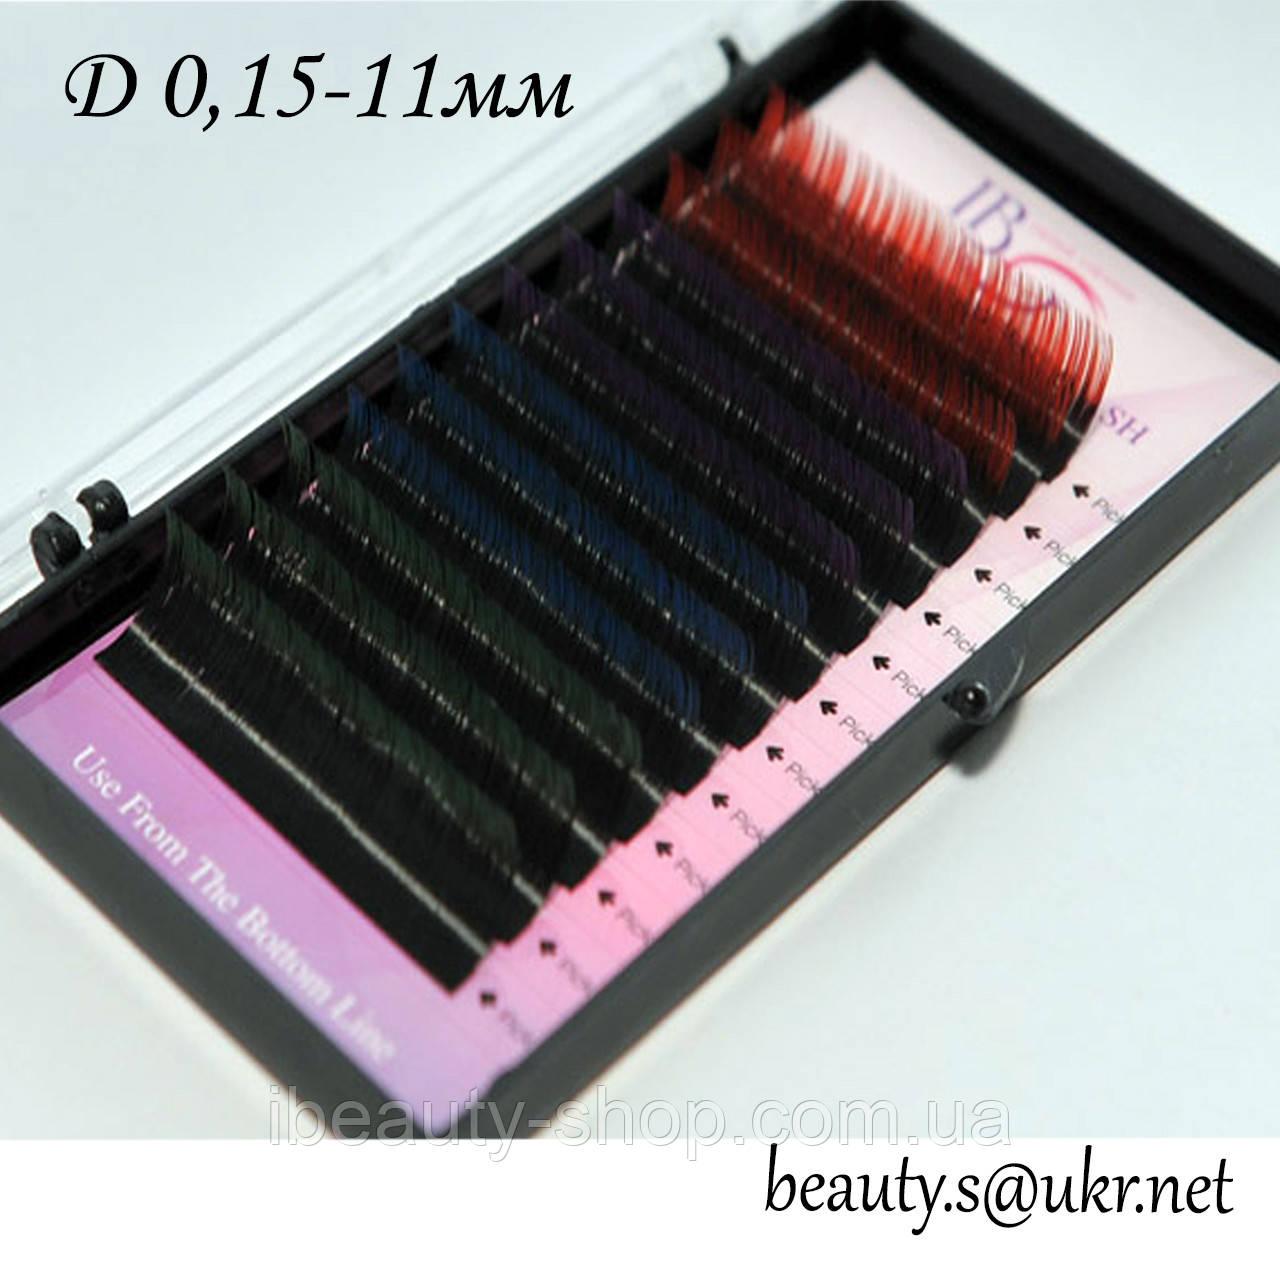 Ресницы I-Beauty, Д 0,15-11мм,цветные концы,4 цвета